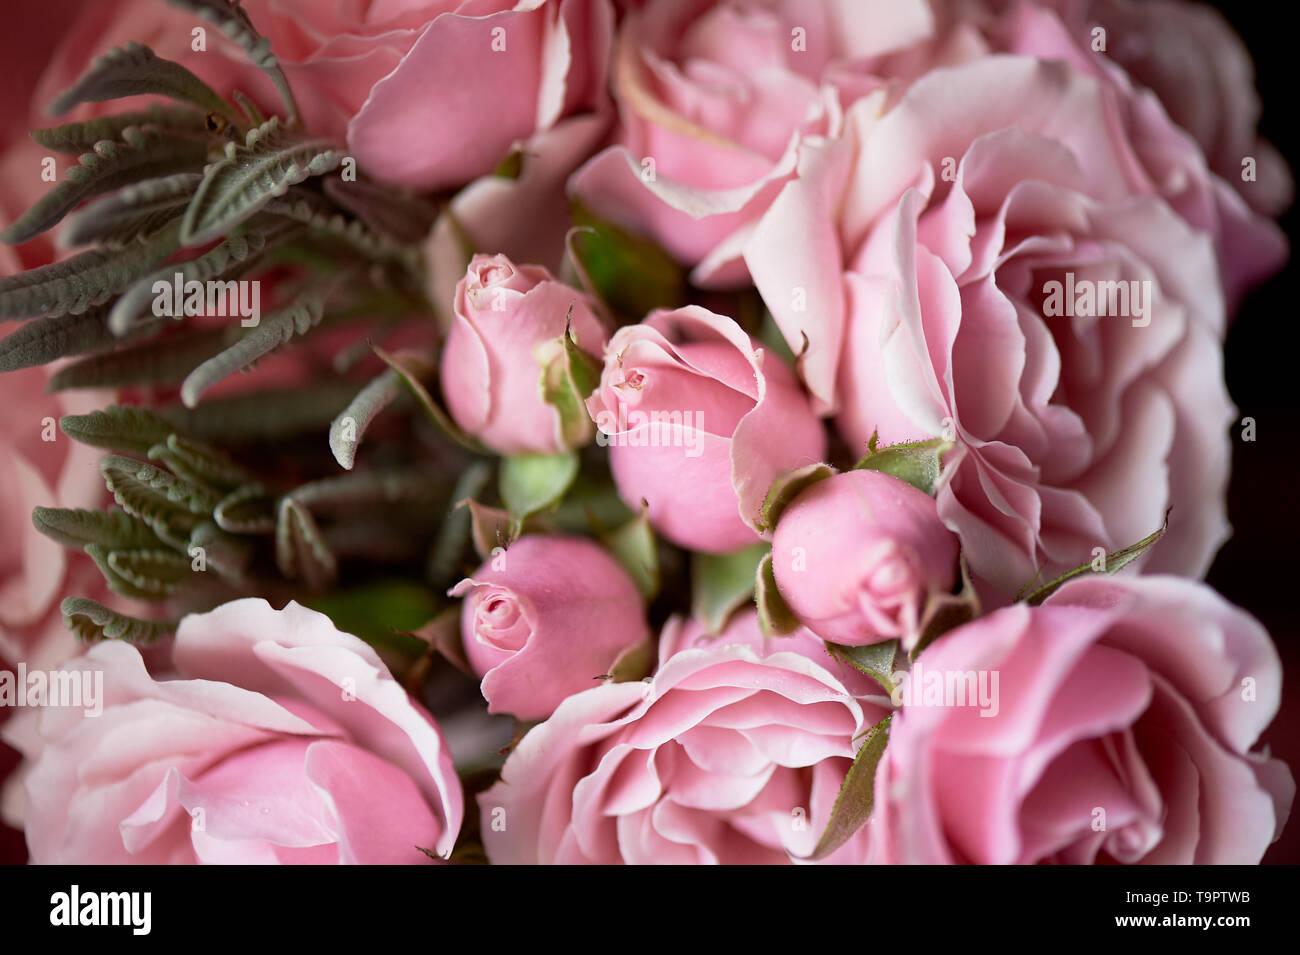 Einen kleinen Blumenstrauß aus Rosen. Hochzeit Floristik. zarten Pastellfarben. Textur Stockbild